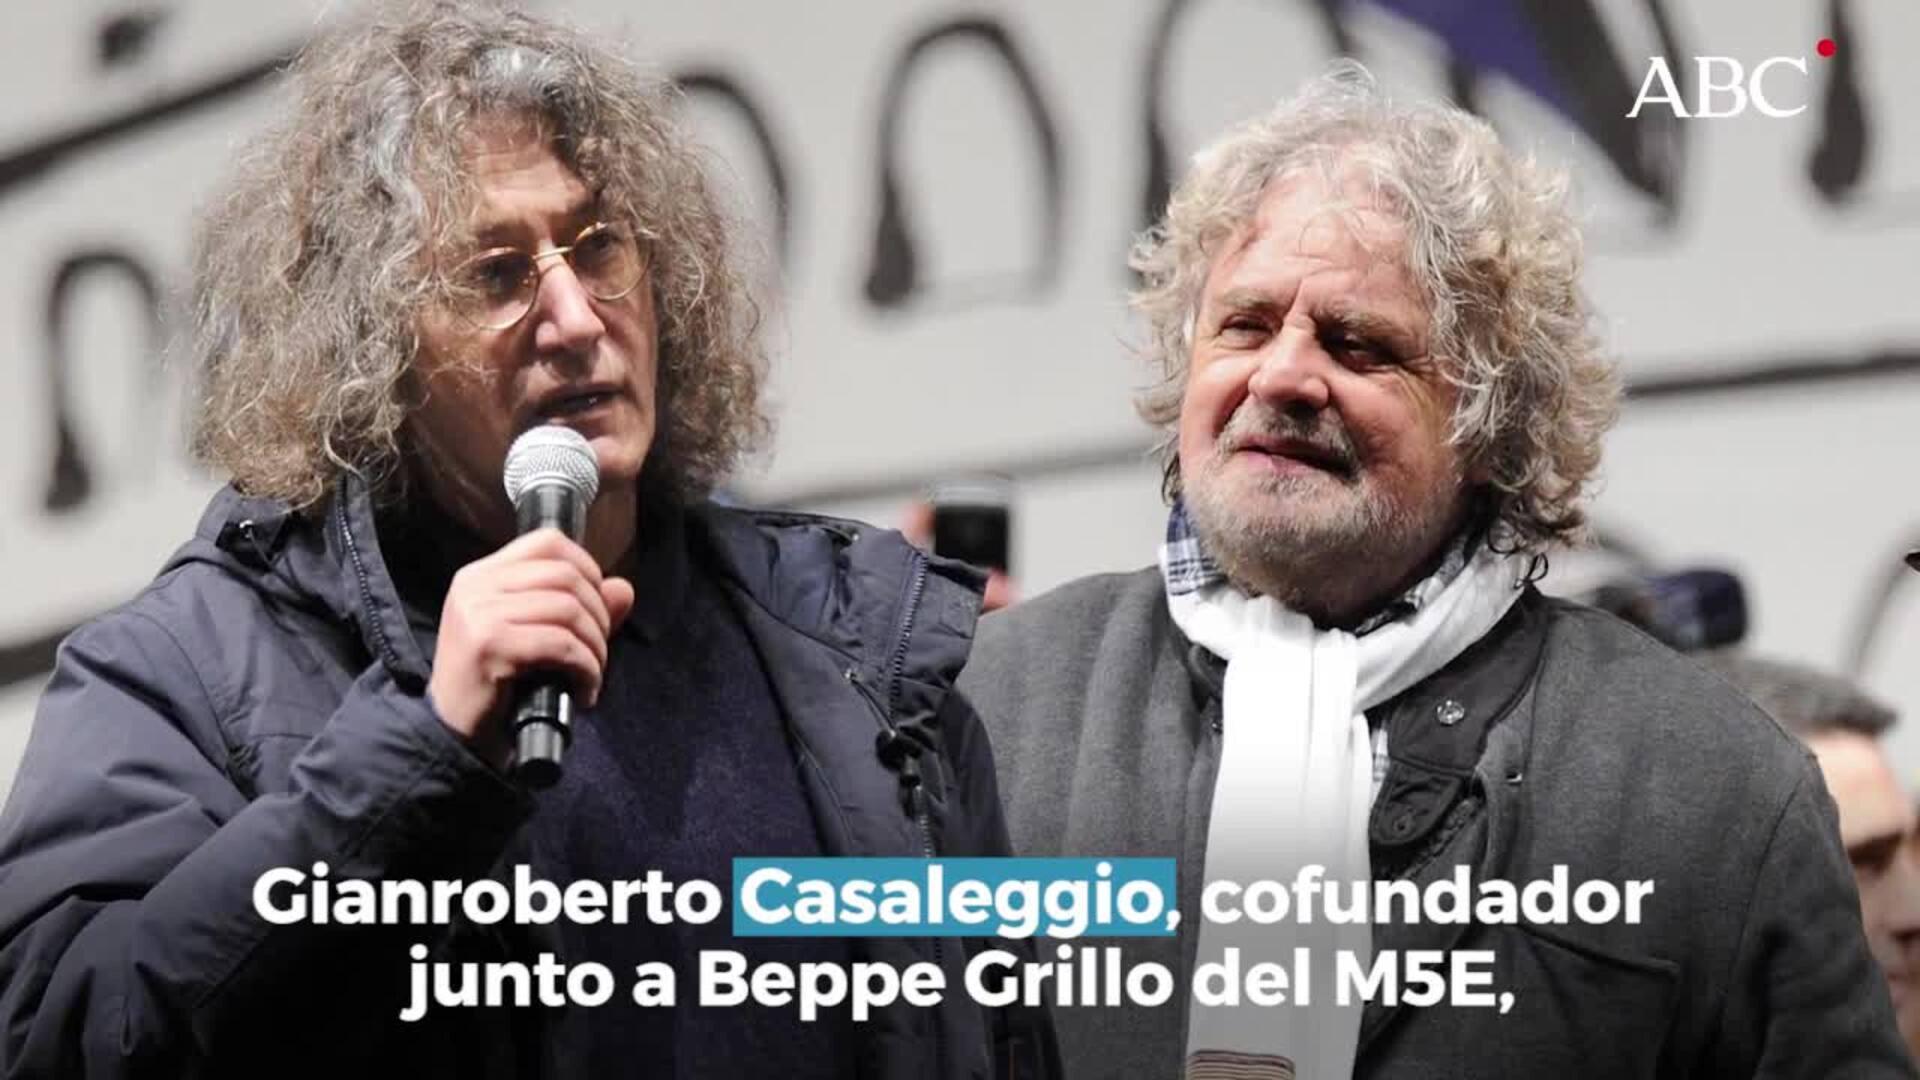 El chavismo financió el Movimiento 5 Estrellas que hoy gobierna en Italia